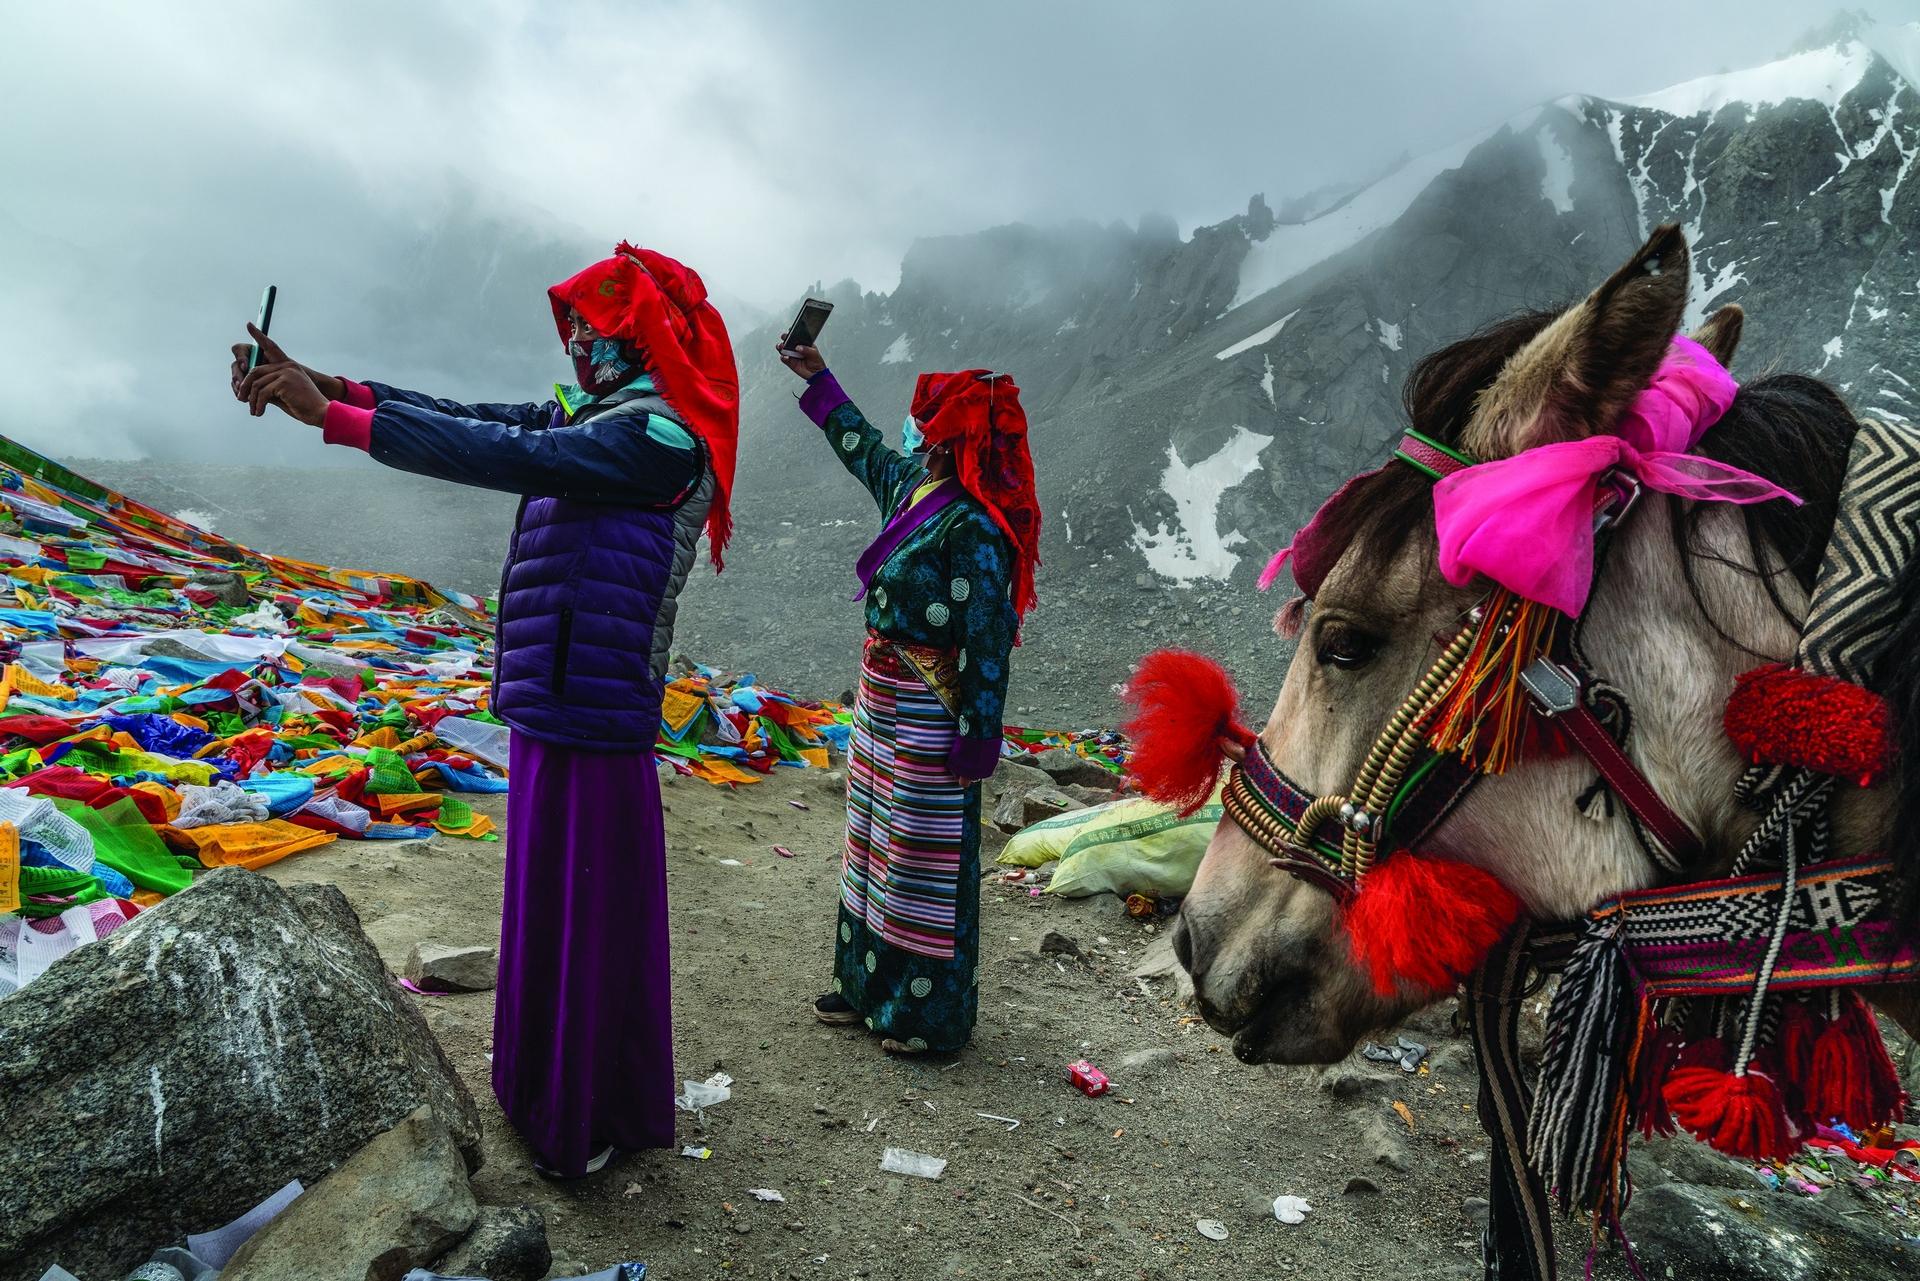 中國 去年9月,朝聖者在卓瑪拉山口自拍,這是他們52公里的「廓拉」的最高點──指的是徒步繞行西藏岡仁波齊峰的參禪之旅。這座山是四種宗教的聖山,而南亞有四條河流分別源自這座山的四個基本方位點附近。印度河的源頭位於這座山往北走四天之處。本文影像有部分由南亞記者協會支援拍攝